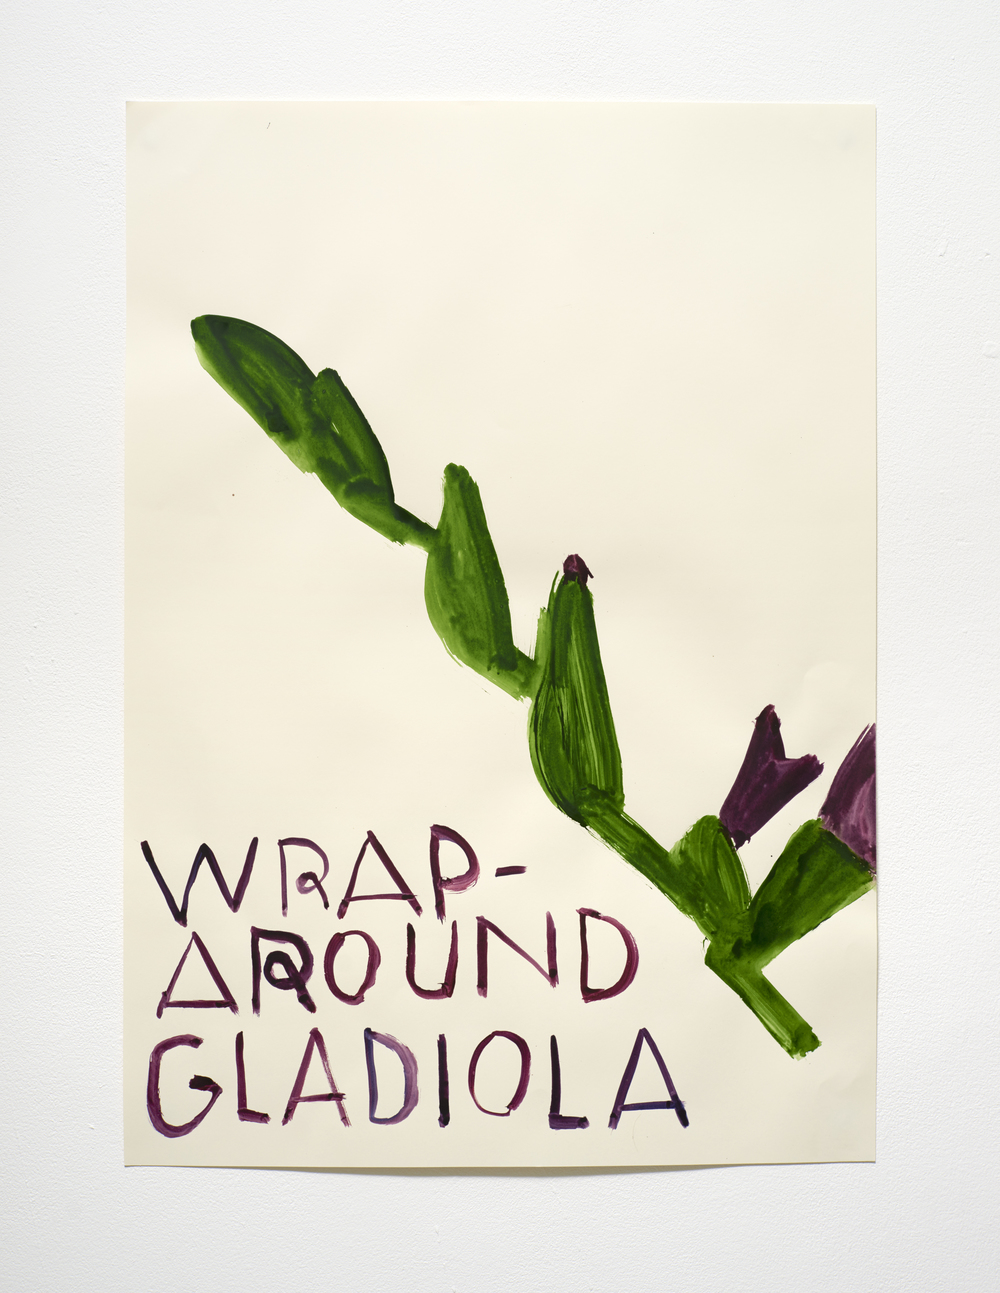 劍蘭花束 Wraparound Gladiola (2015)